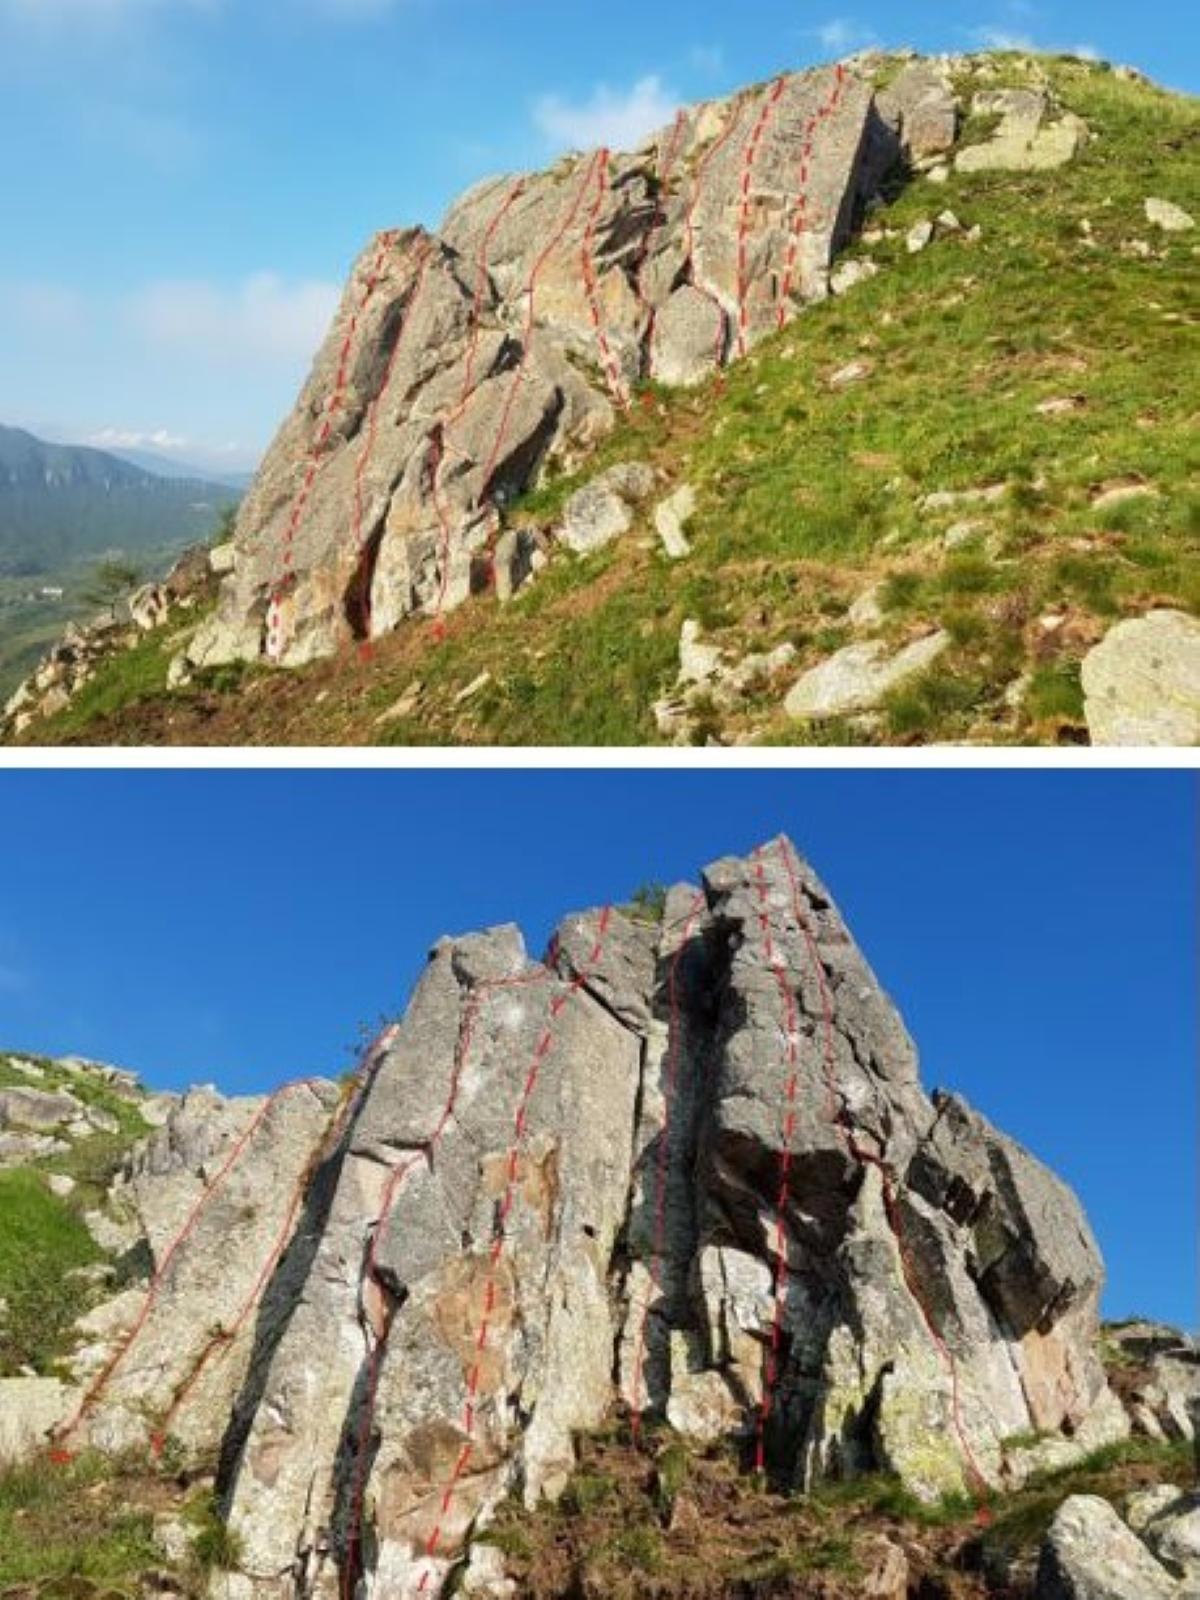 Guida Alpina Roberto Parolari – Falesia del Muffetto a Montecampione (BS)